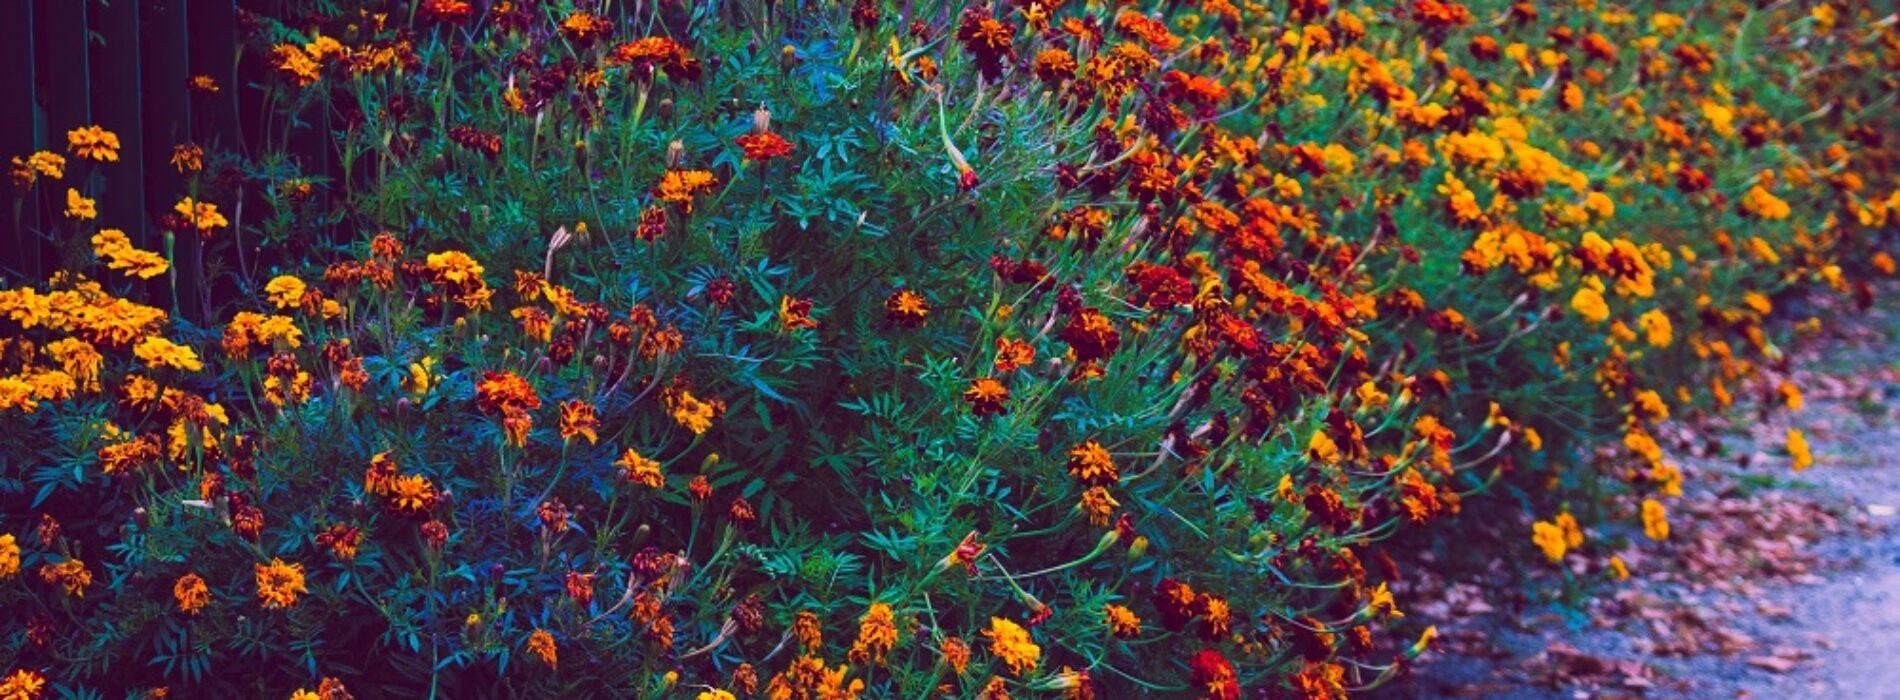 12 najpiękniejszych krzewów i kwiatów do ogrodu – inspiracje